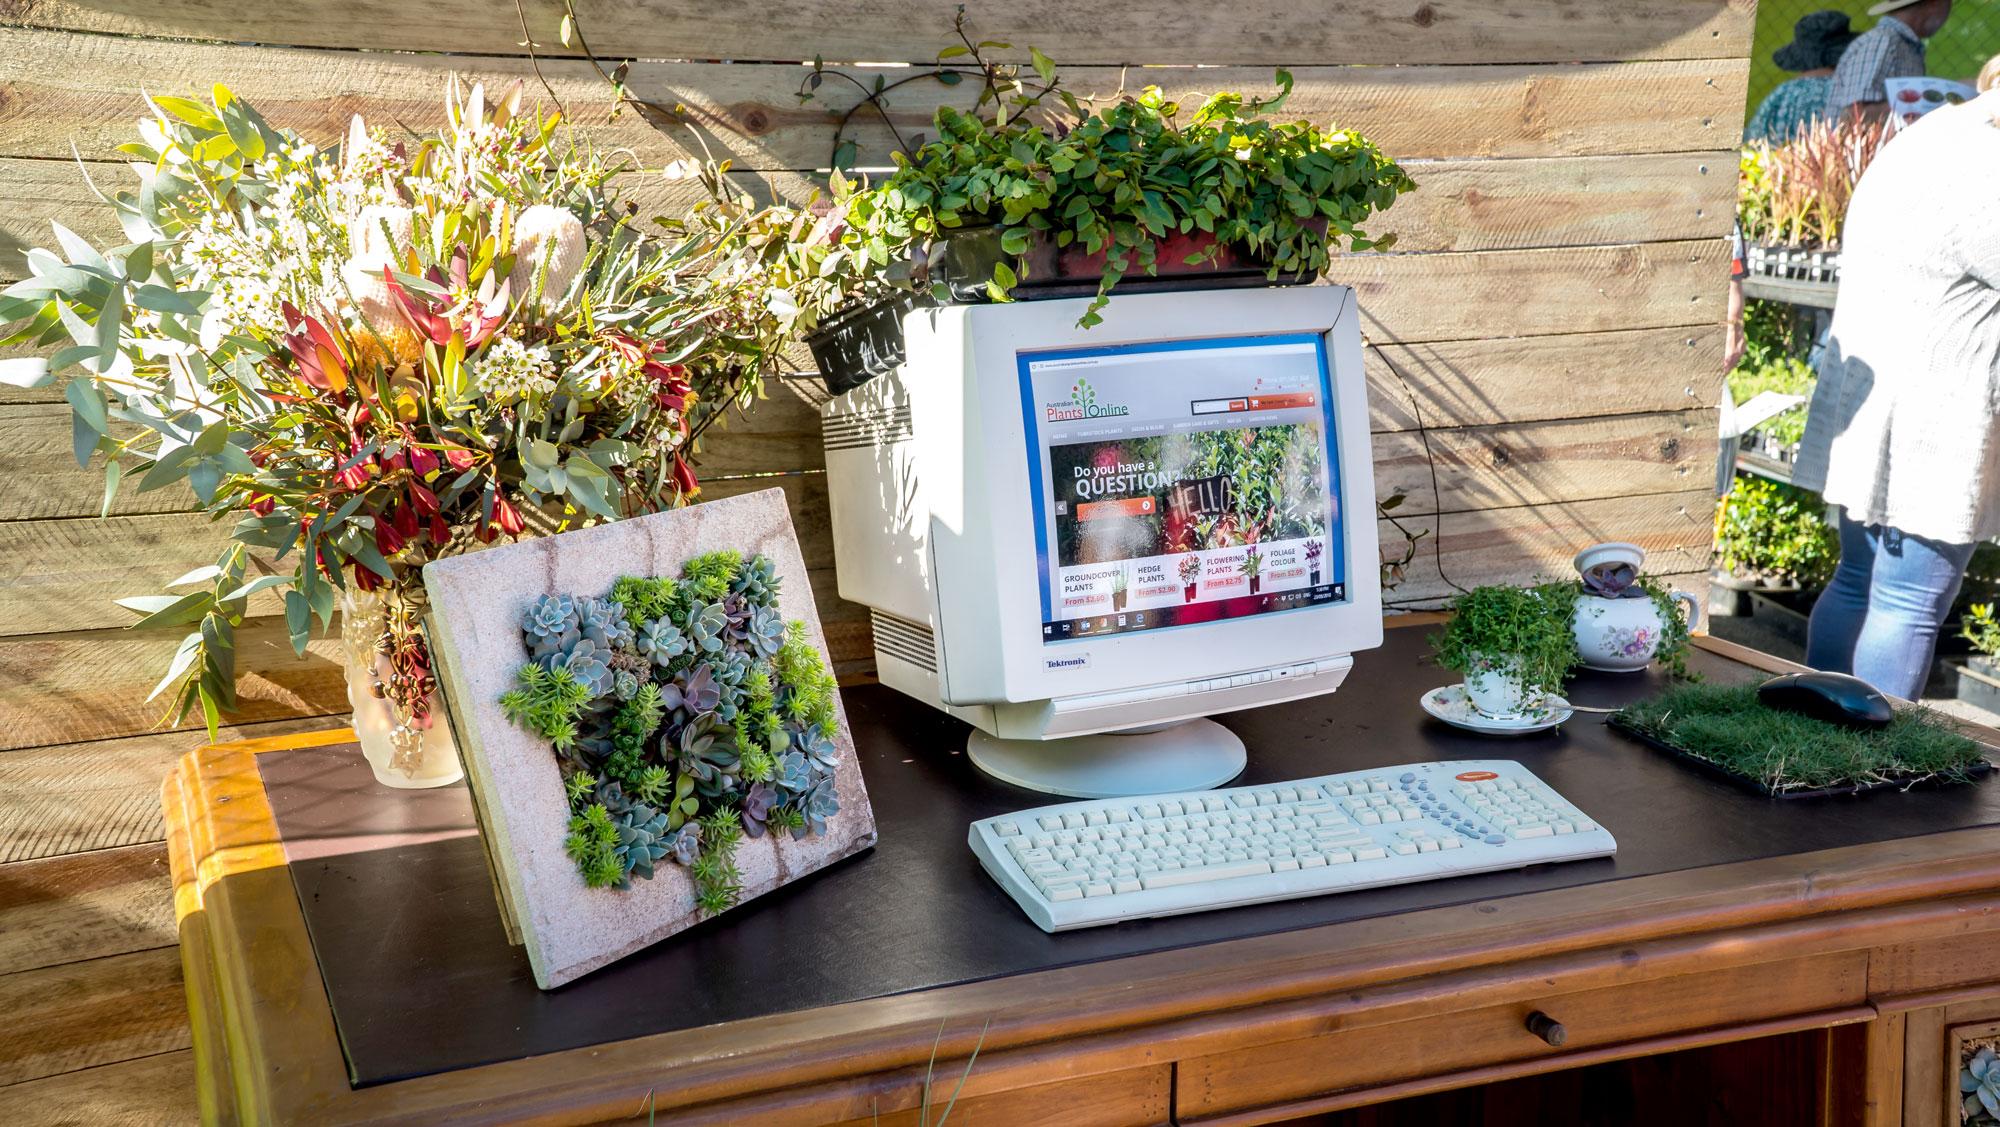 Contact QGE - planter computer